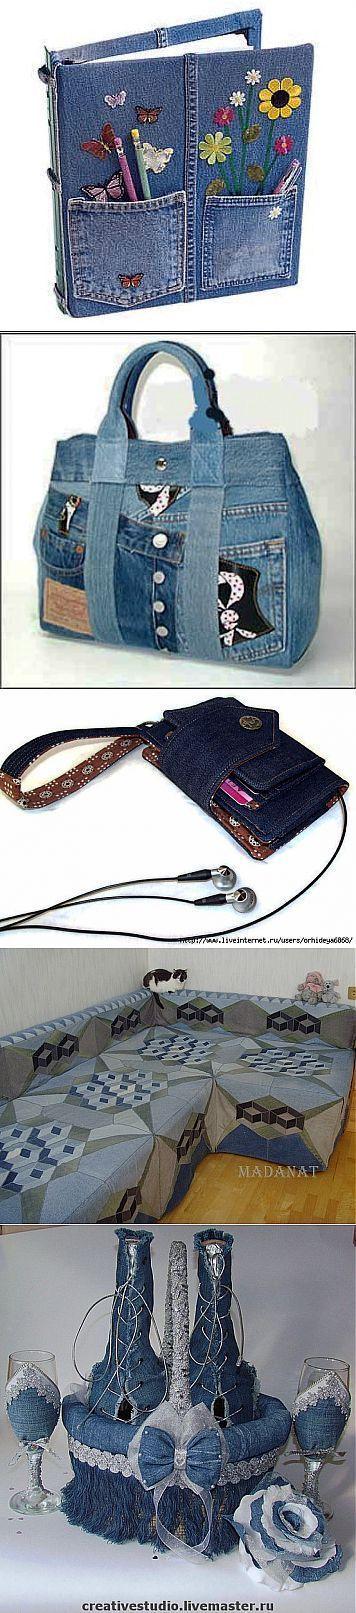 (1) - Haben Sie alte Jeans haben